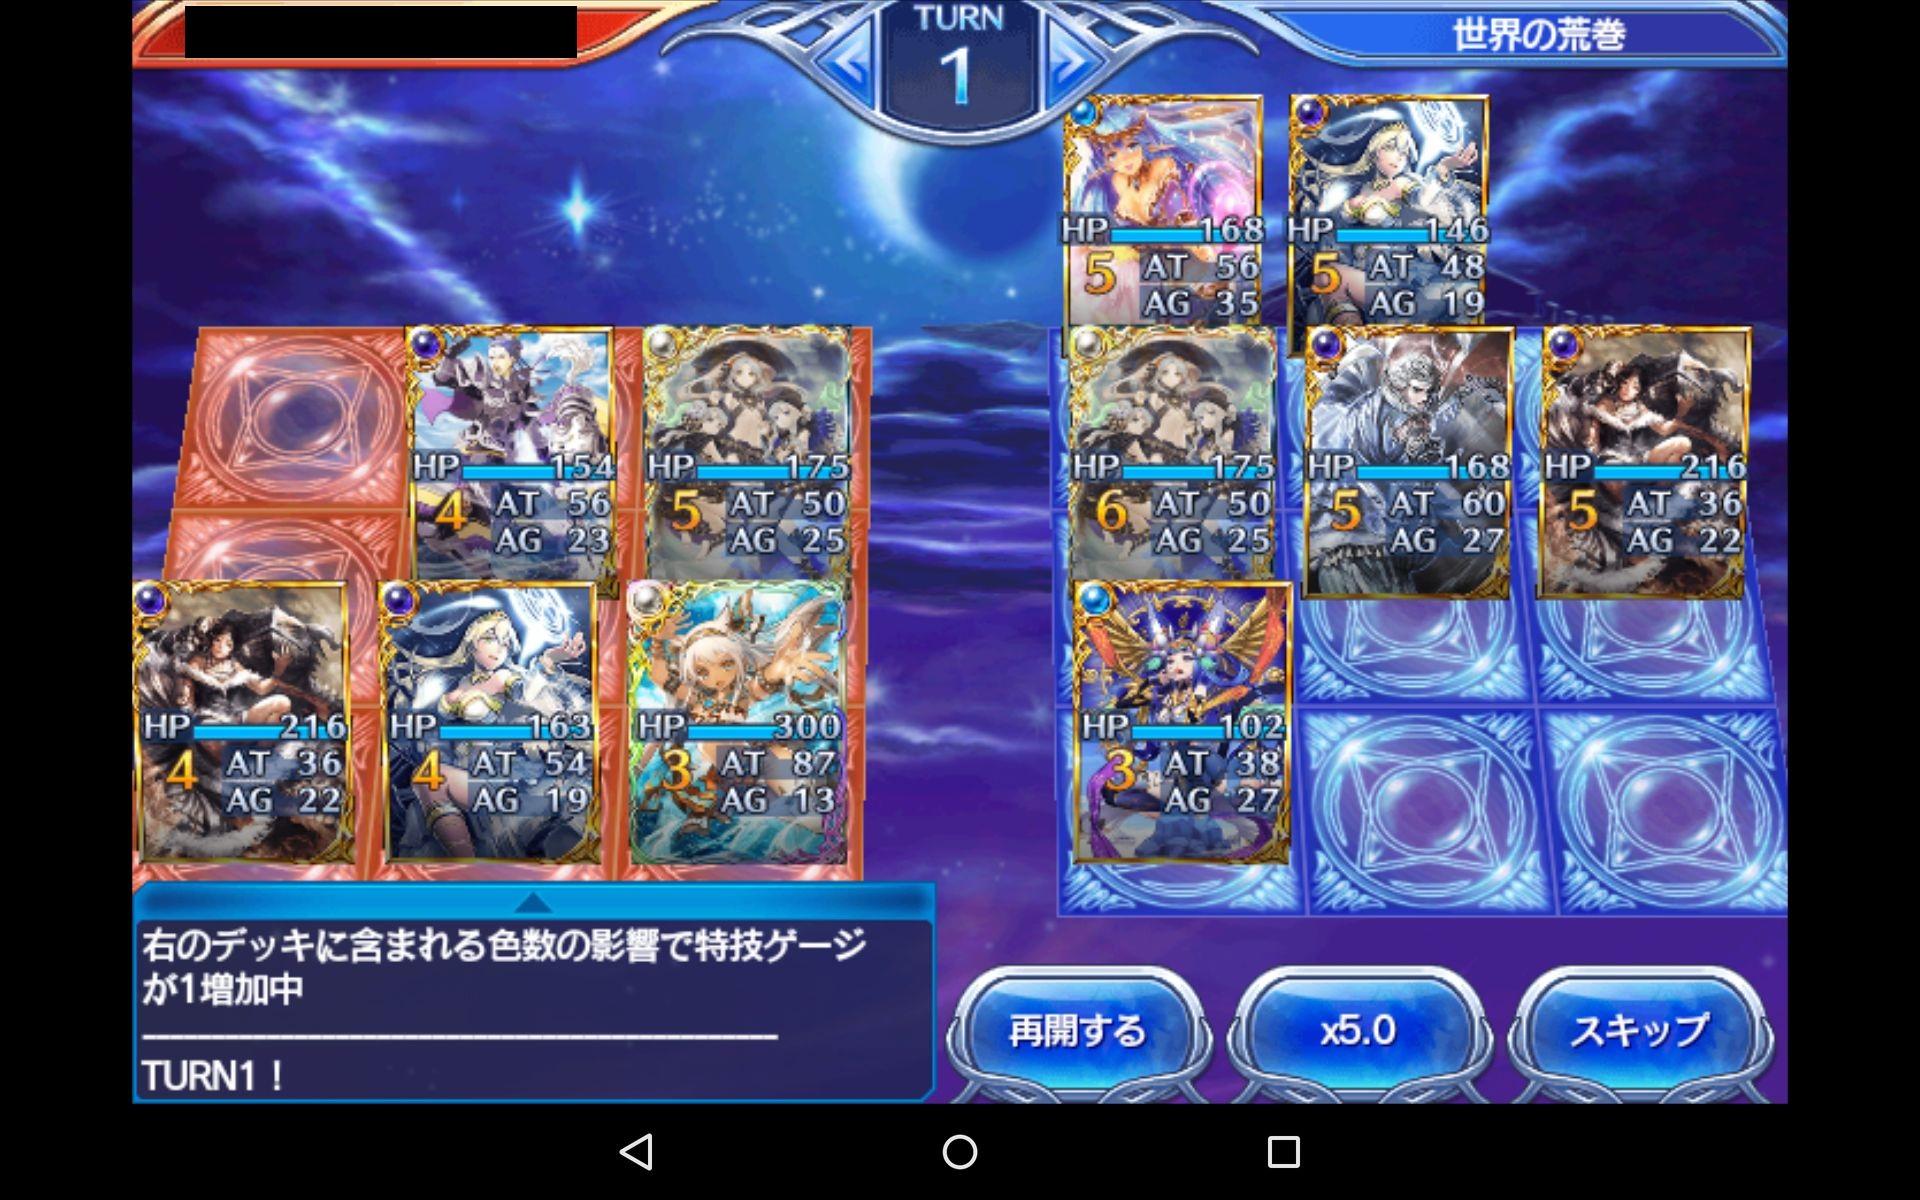 2015-06-26大将負け6ヘーパイスト